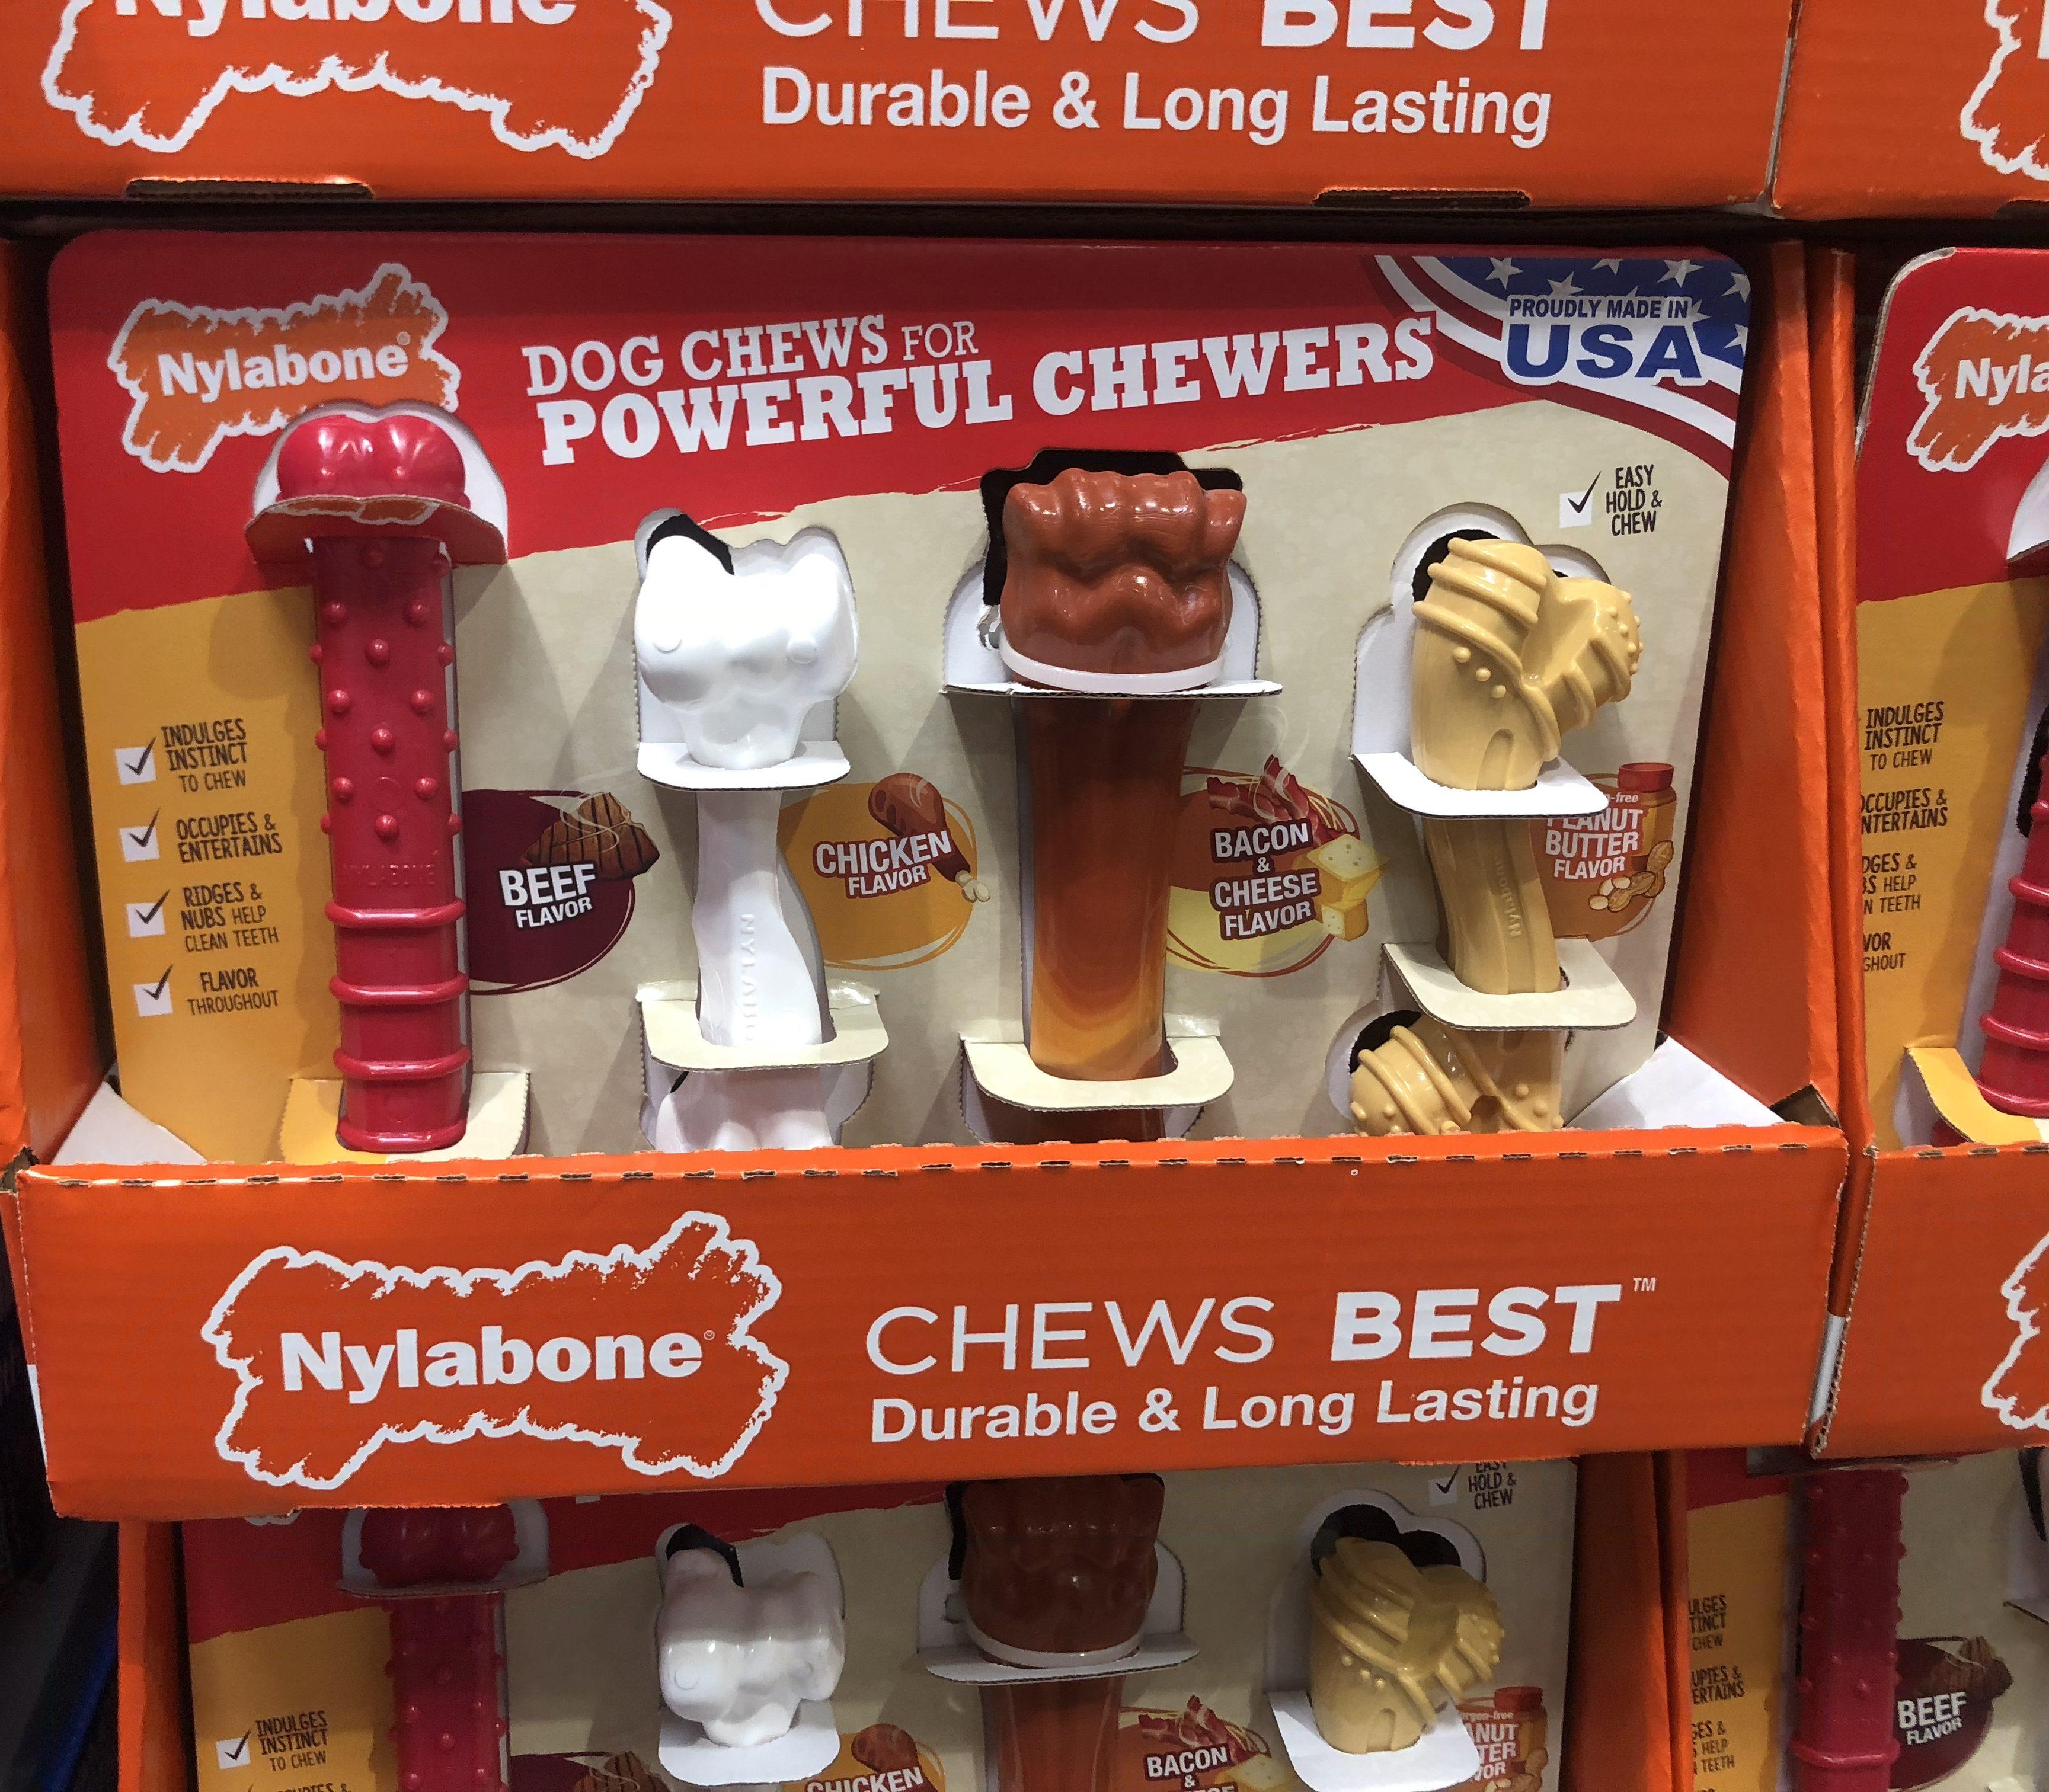 Costco deals October 2018 – Nylabone dog chews at Costco